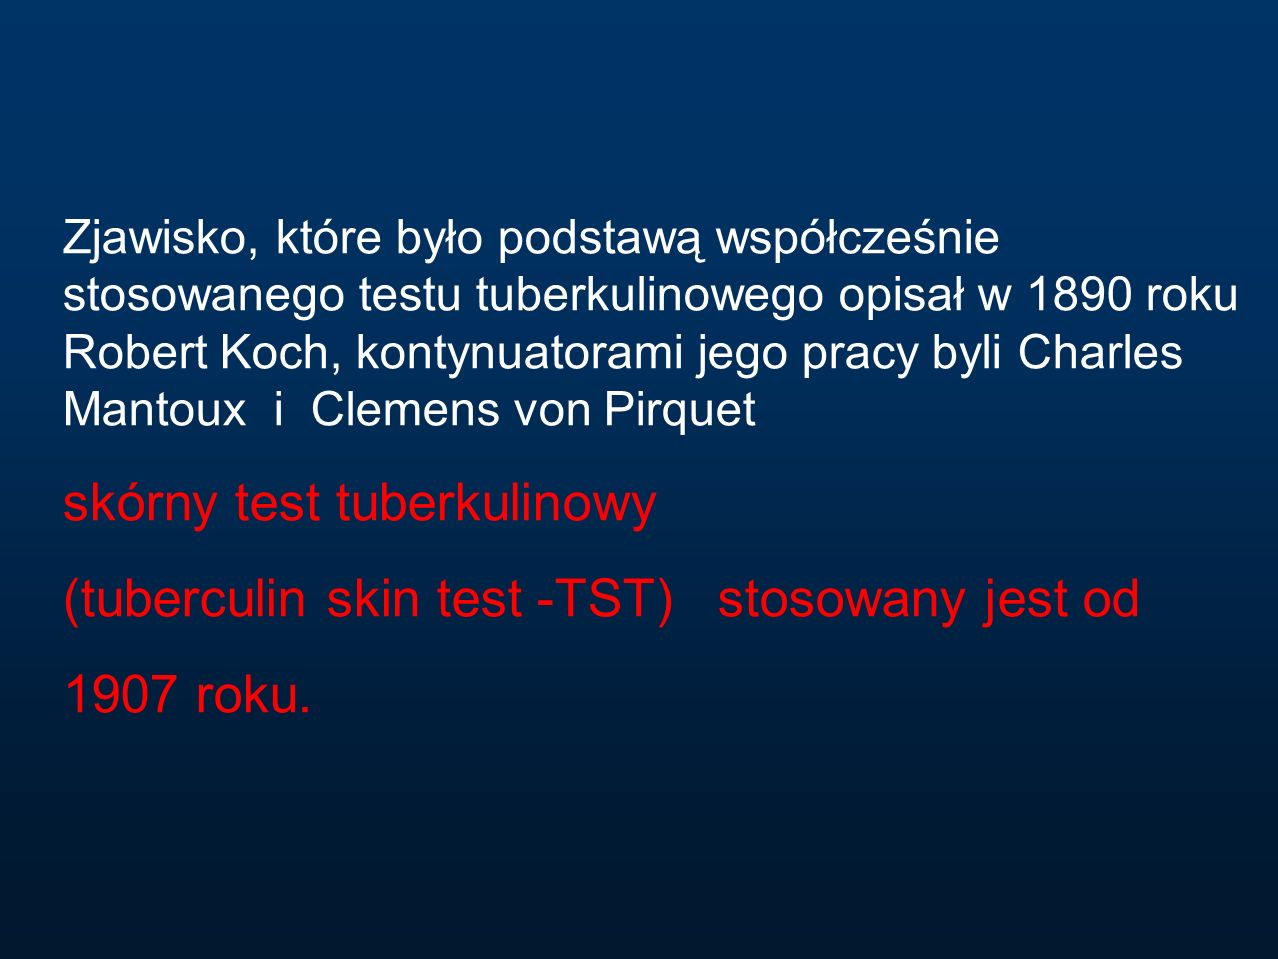 Zjawisko, które było podstawą współcześnie stosowanego testu tuberkulinowego opisał w 1890 roku Robert Koch, kontynuatorami jego pracy byli Charles Ma